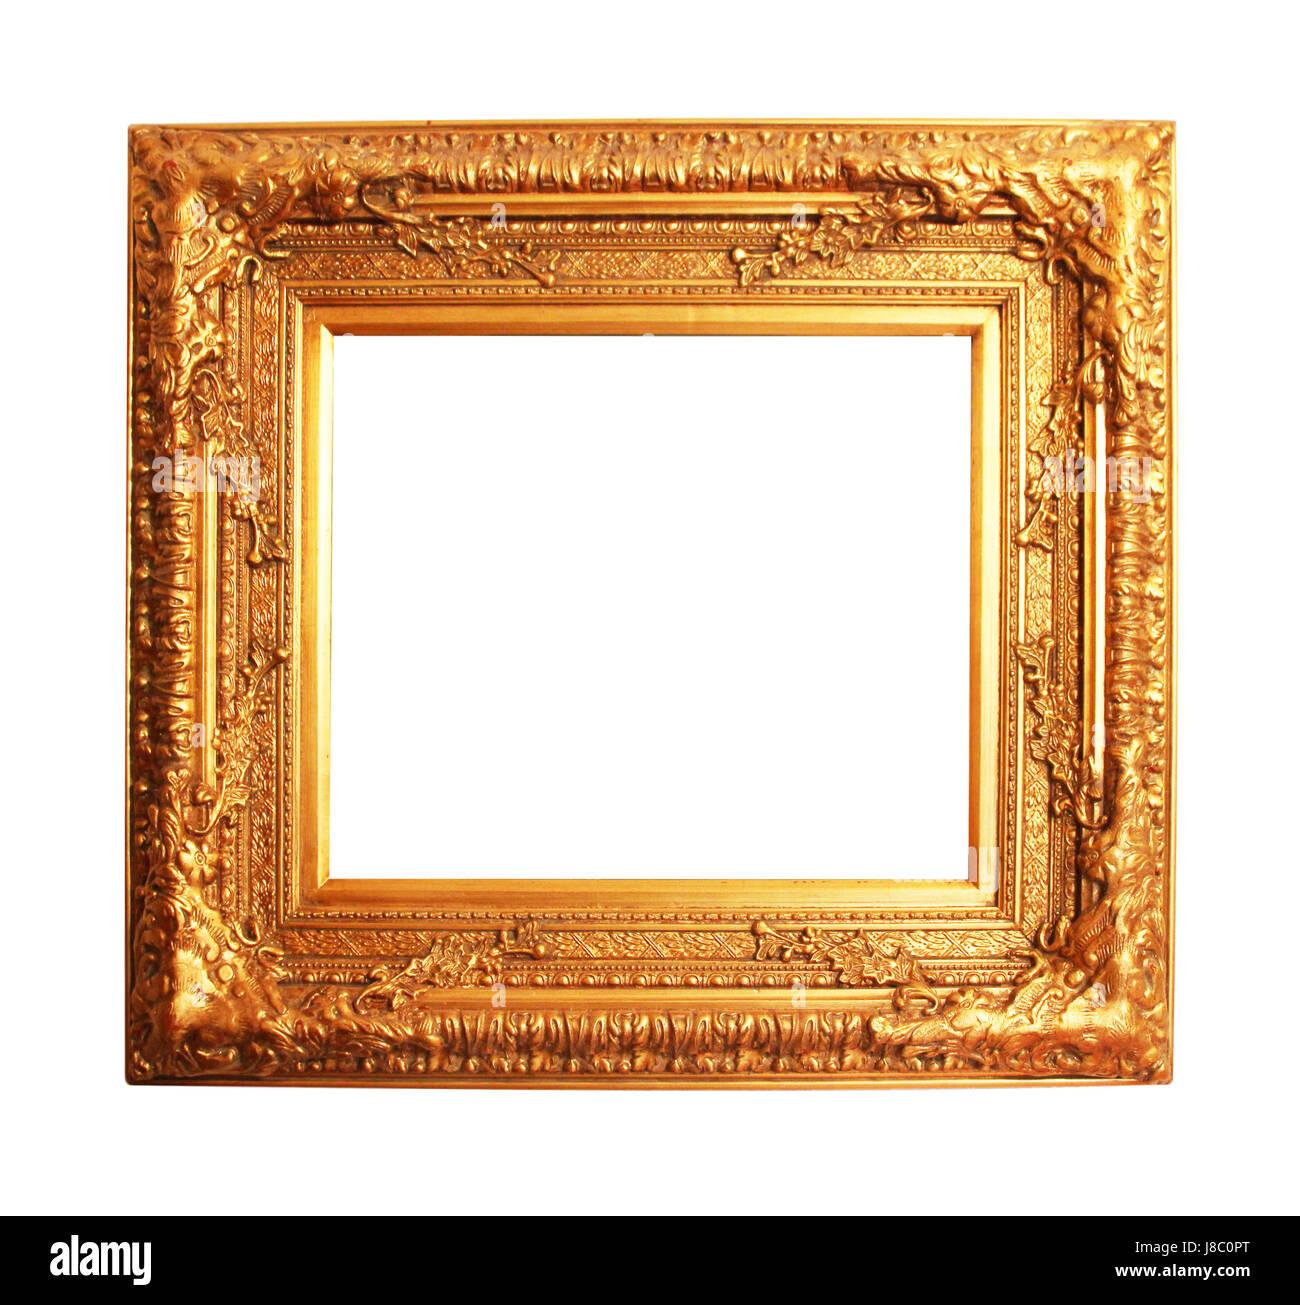 art, wood, gold, frame, framework, detail, inside, art, isolated ...